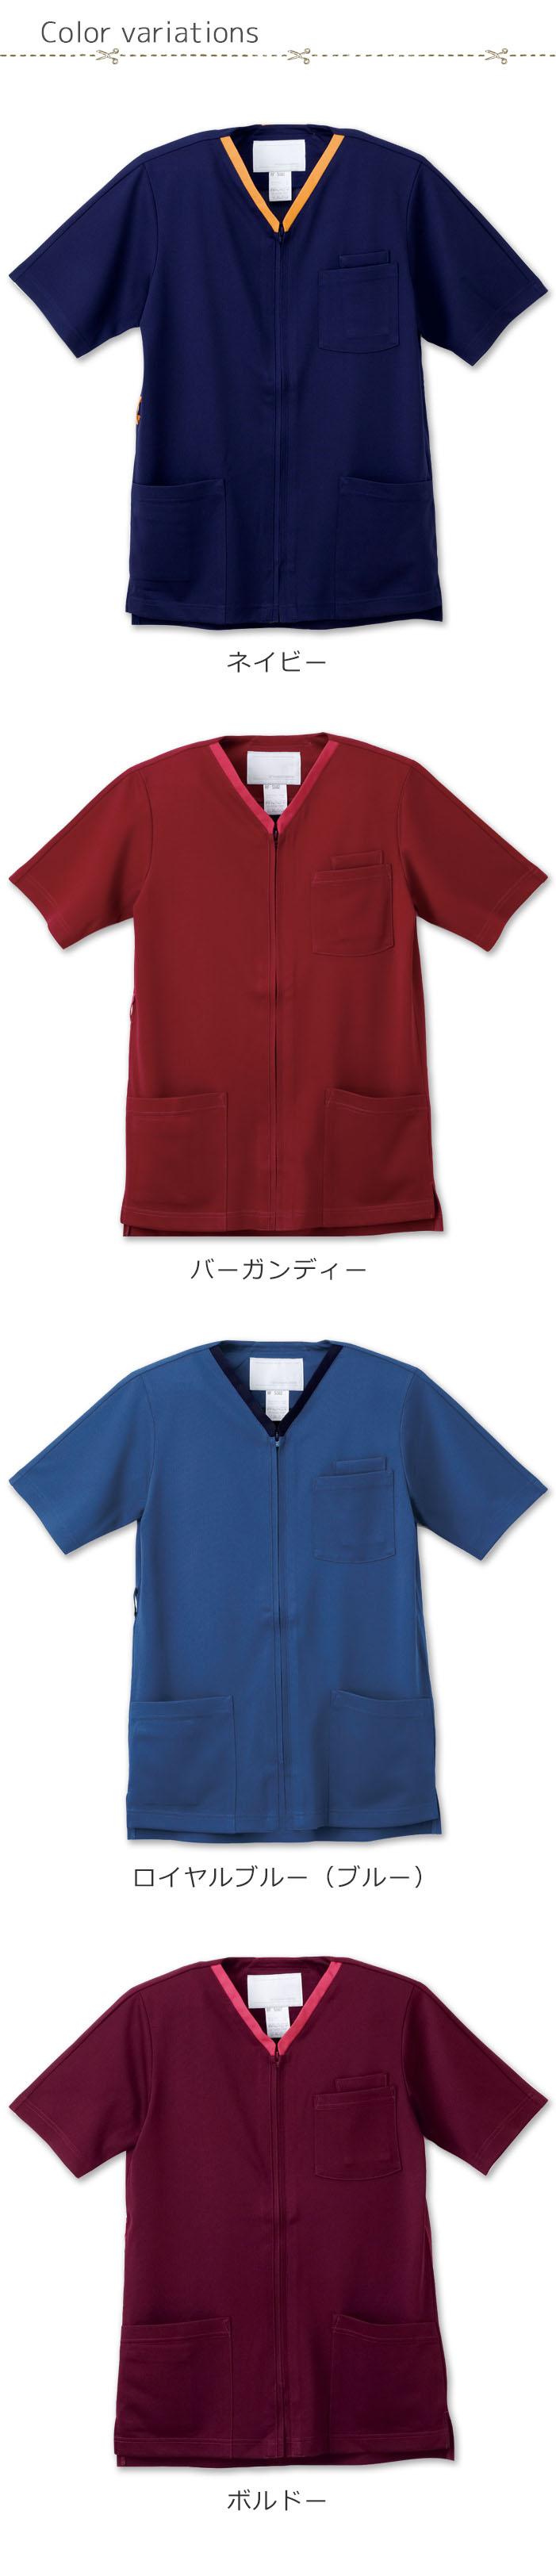 接触冷感で涼しい 首元の配色がアクセントのカラースクラブ【4色】男女兼用